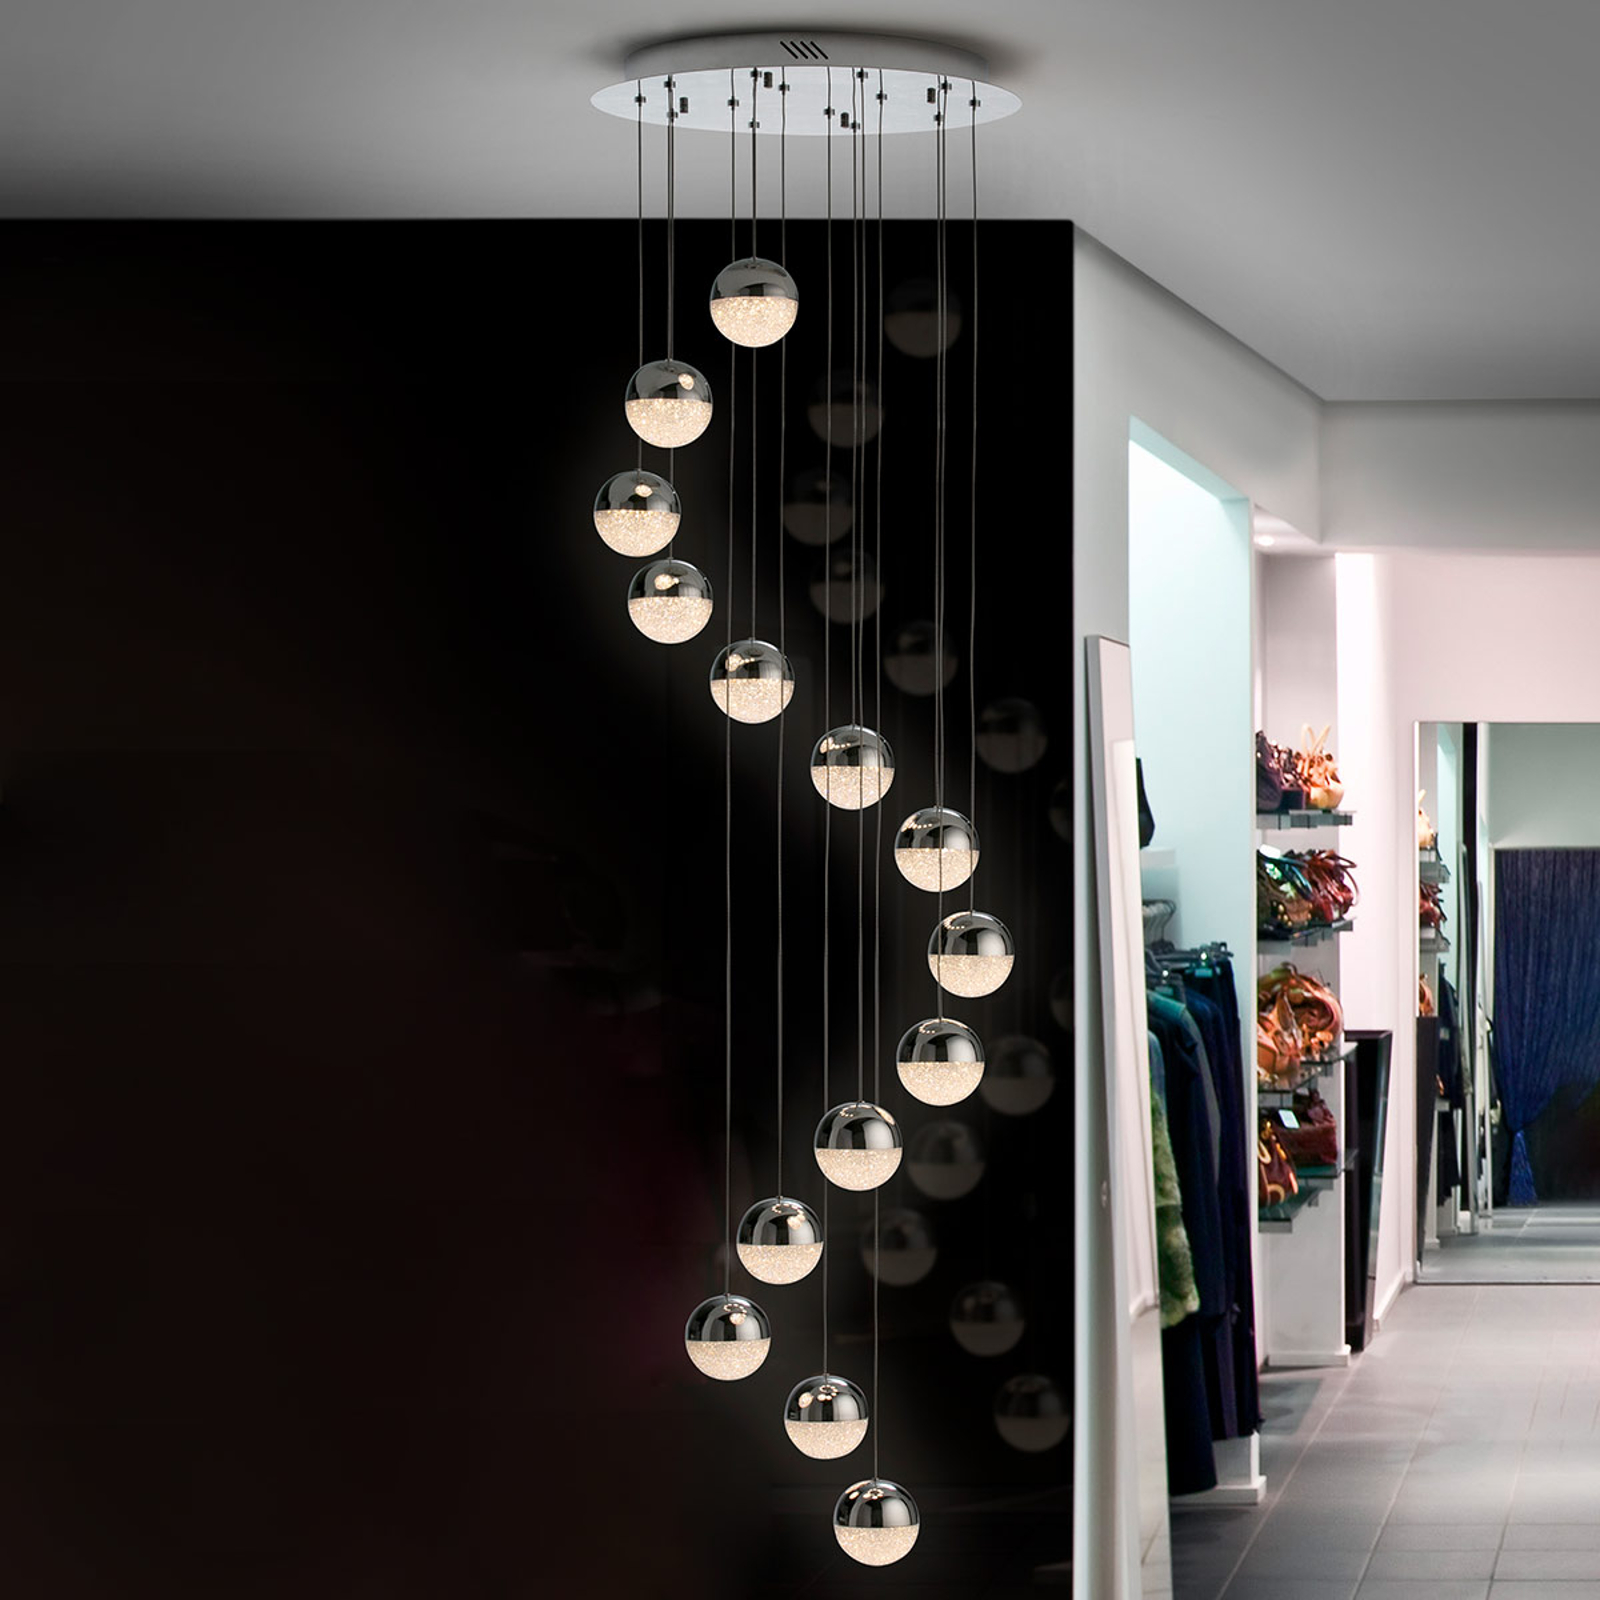 LED-Pendelleuchte Sphere 14-flammig chrom App